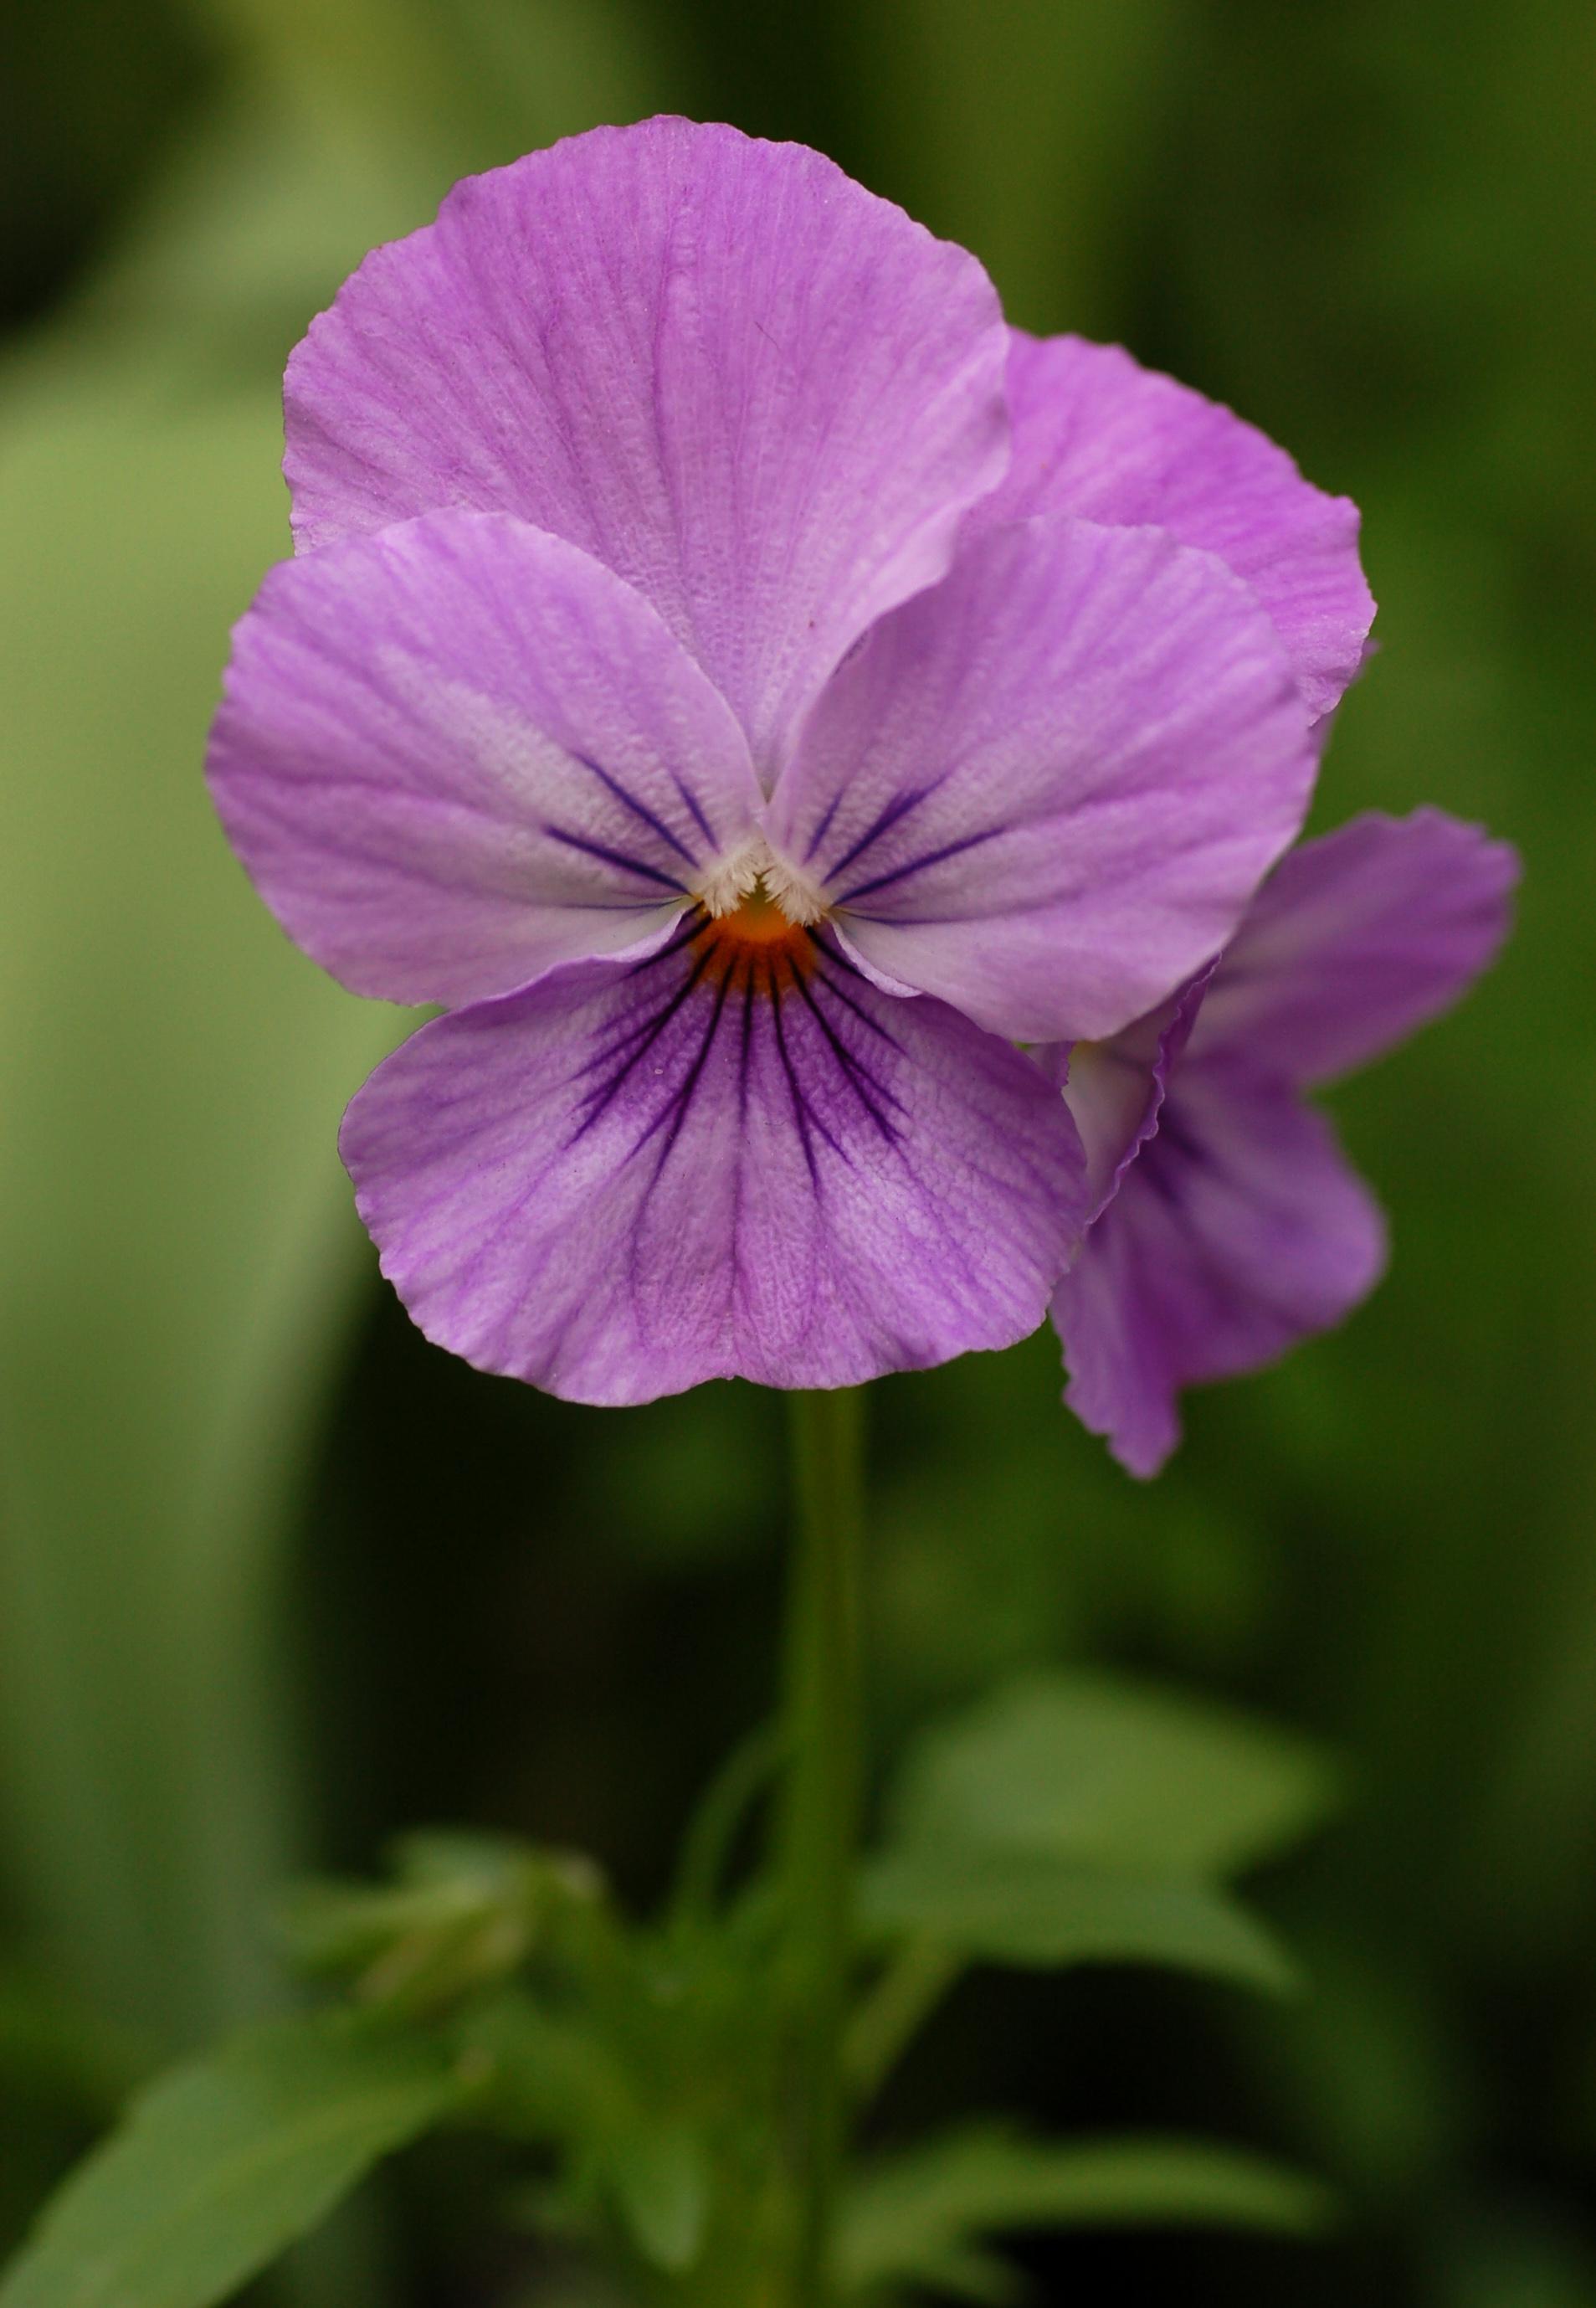 Pansy_Viola_x_wittrockiana_Purple_Cultivar_Flower_1907px